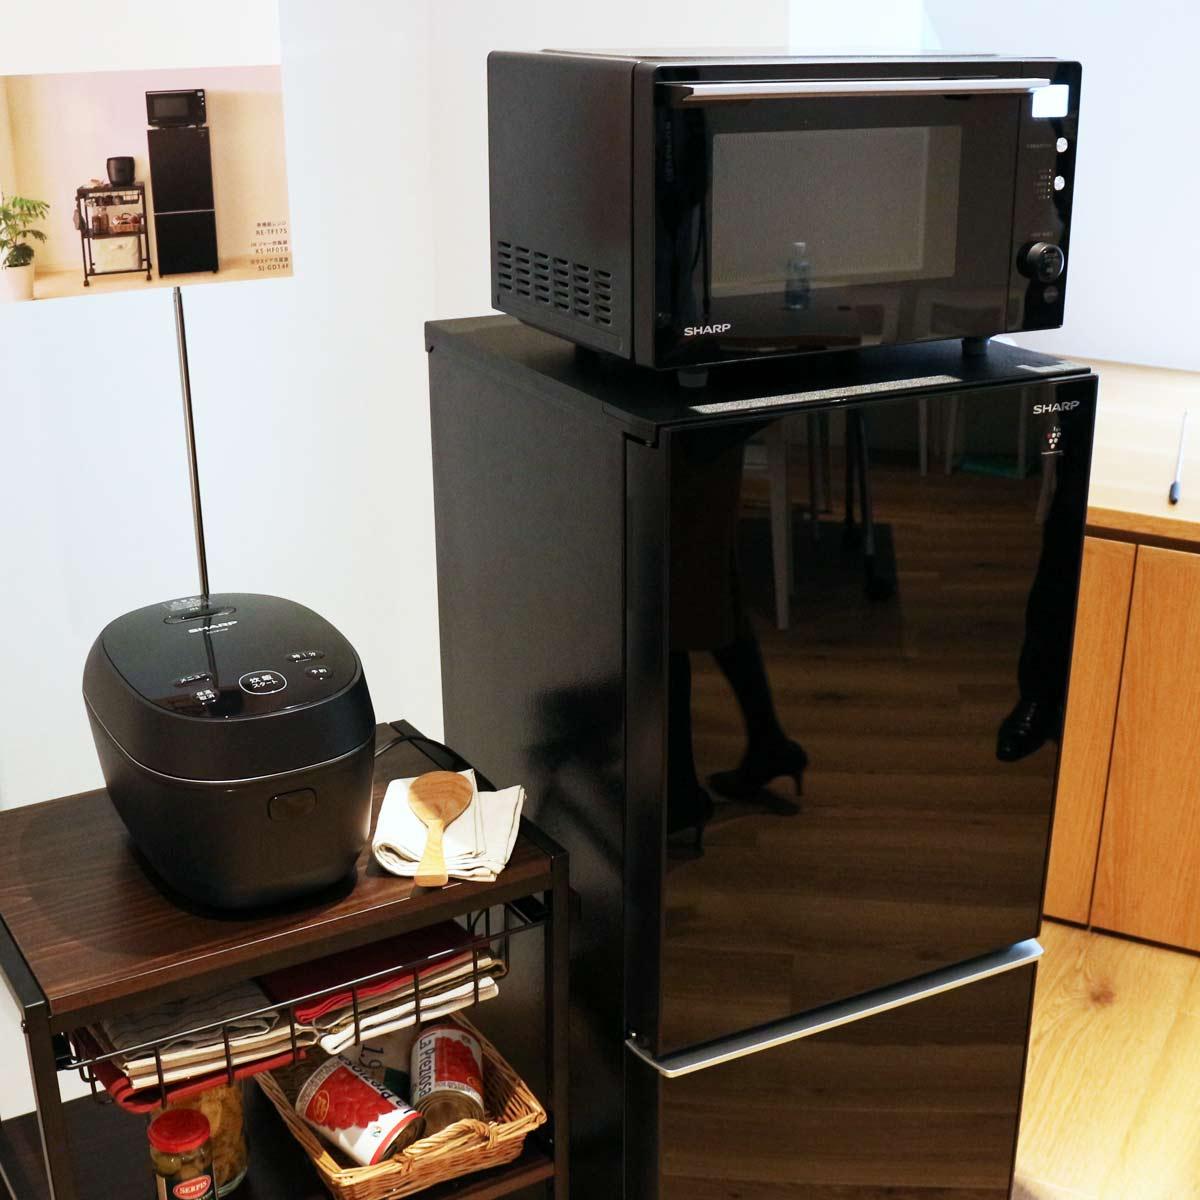 """デザインも性能もいい!シャープ「PLAINLY」シリーズの""""炊飯器の神様""""が開発したIH炊飯器を見てきた"""